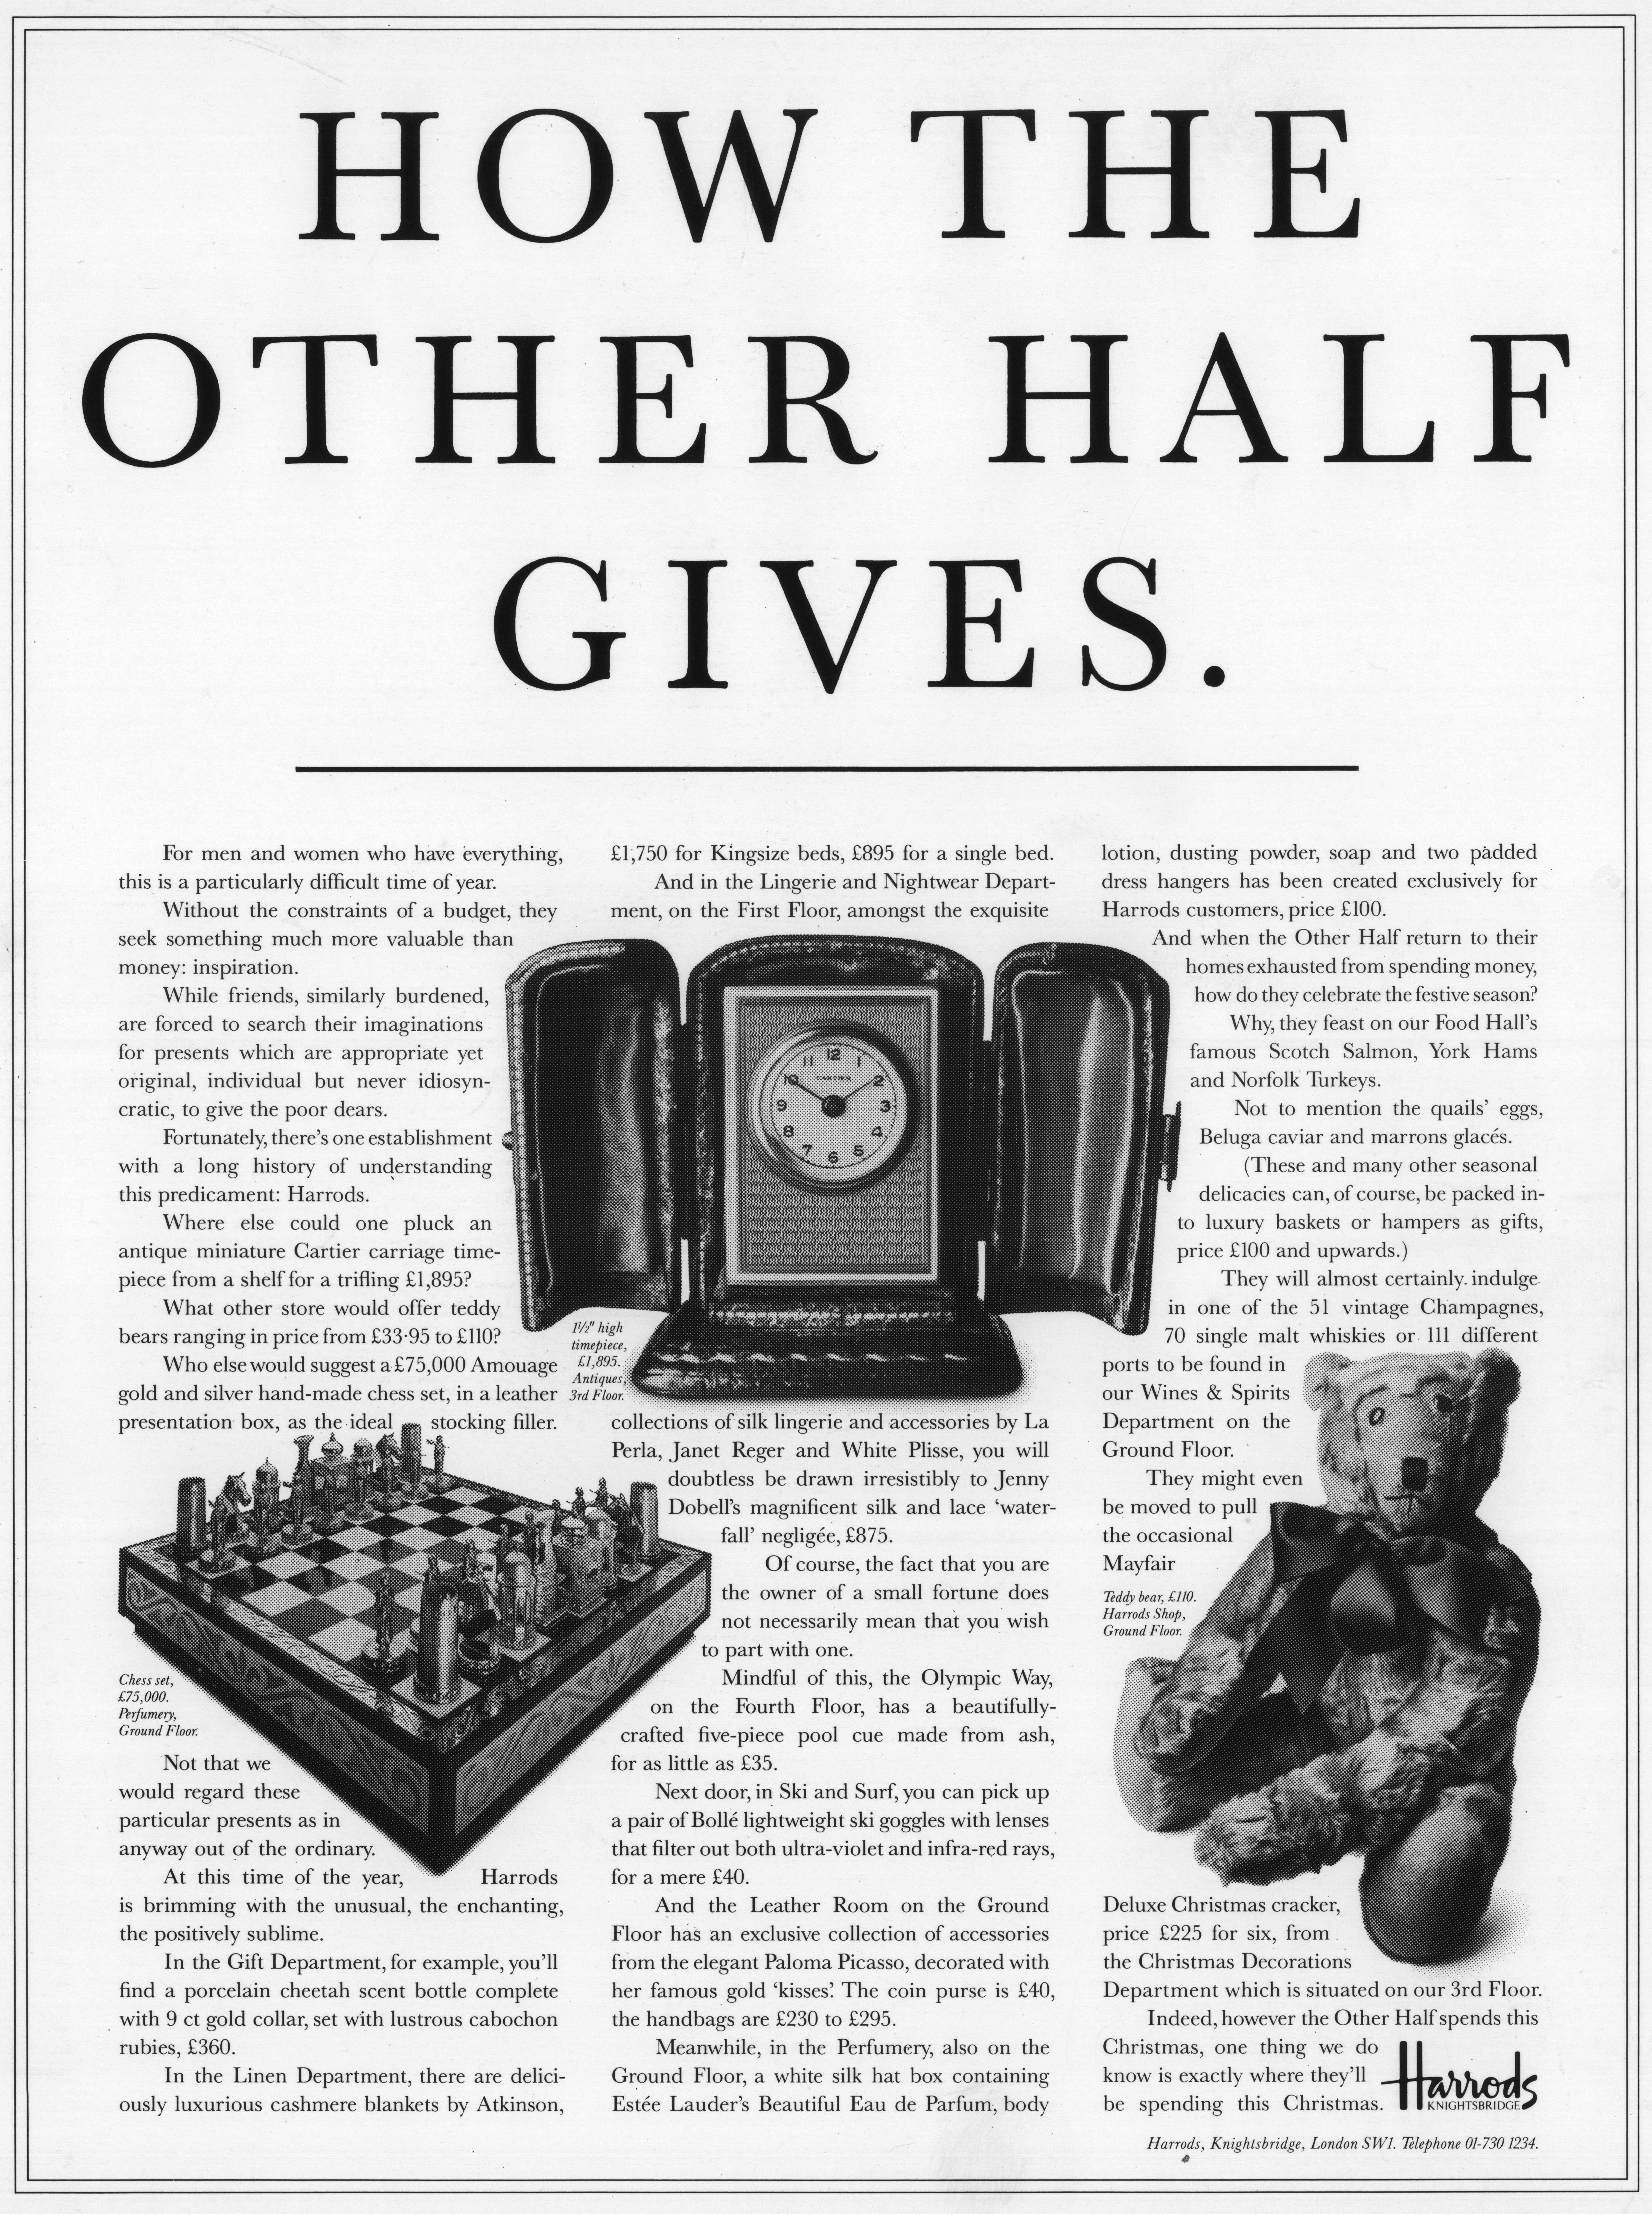 Tim Delaney, Harrod's 'Gives'